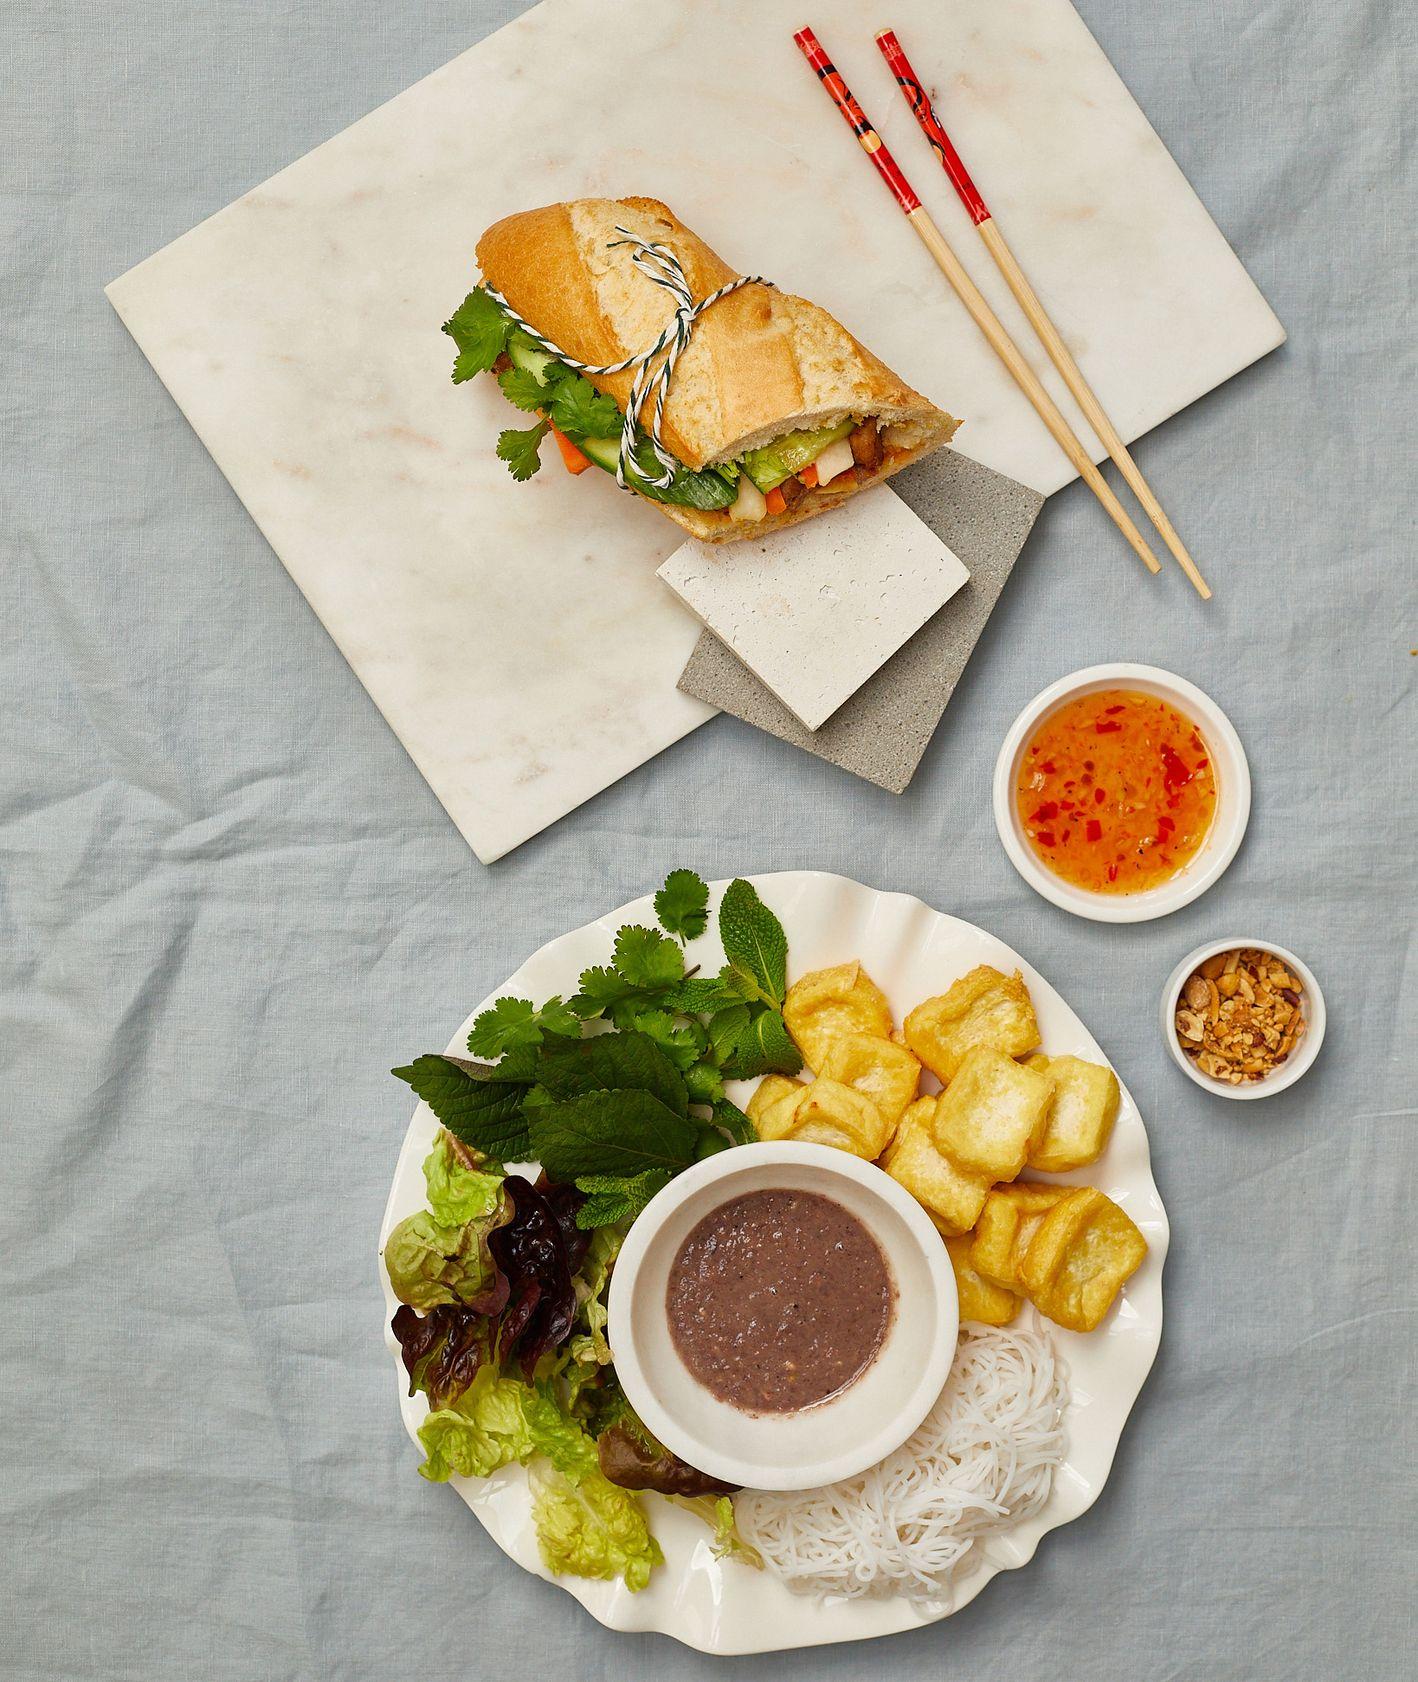 Kuchnia Wietnamska (fot. Maciek Niemojewski)